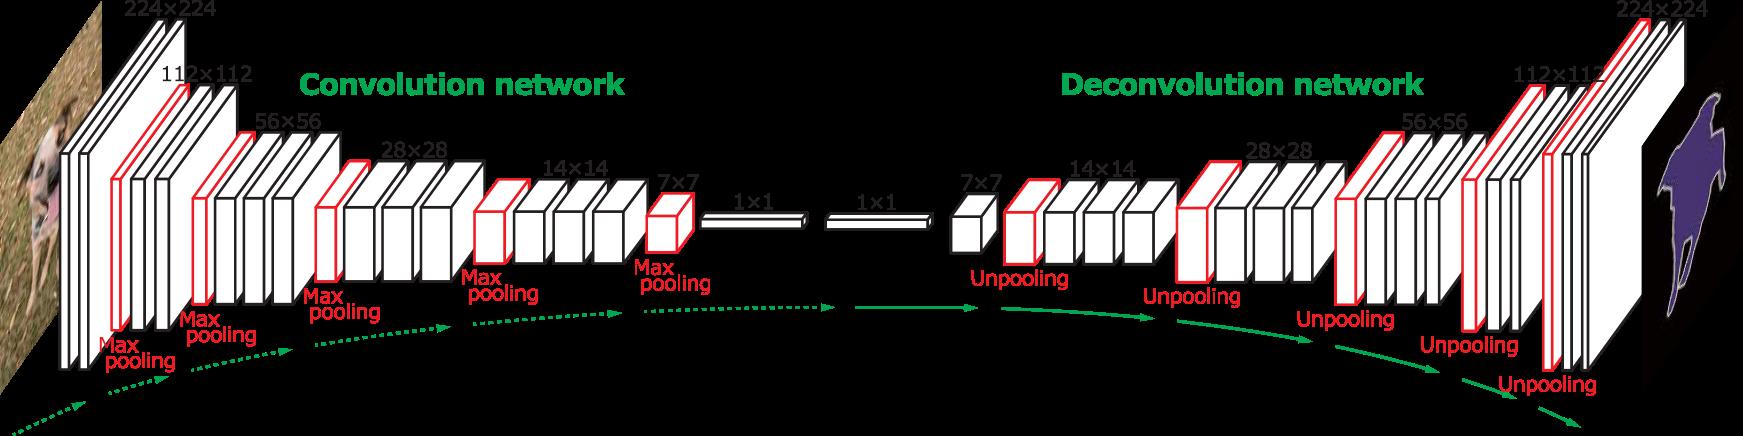 deconvolution in segmentation